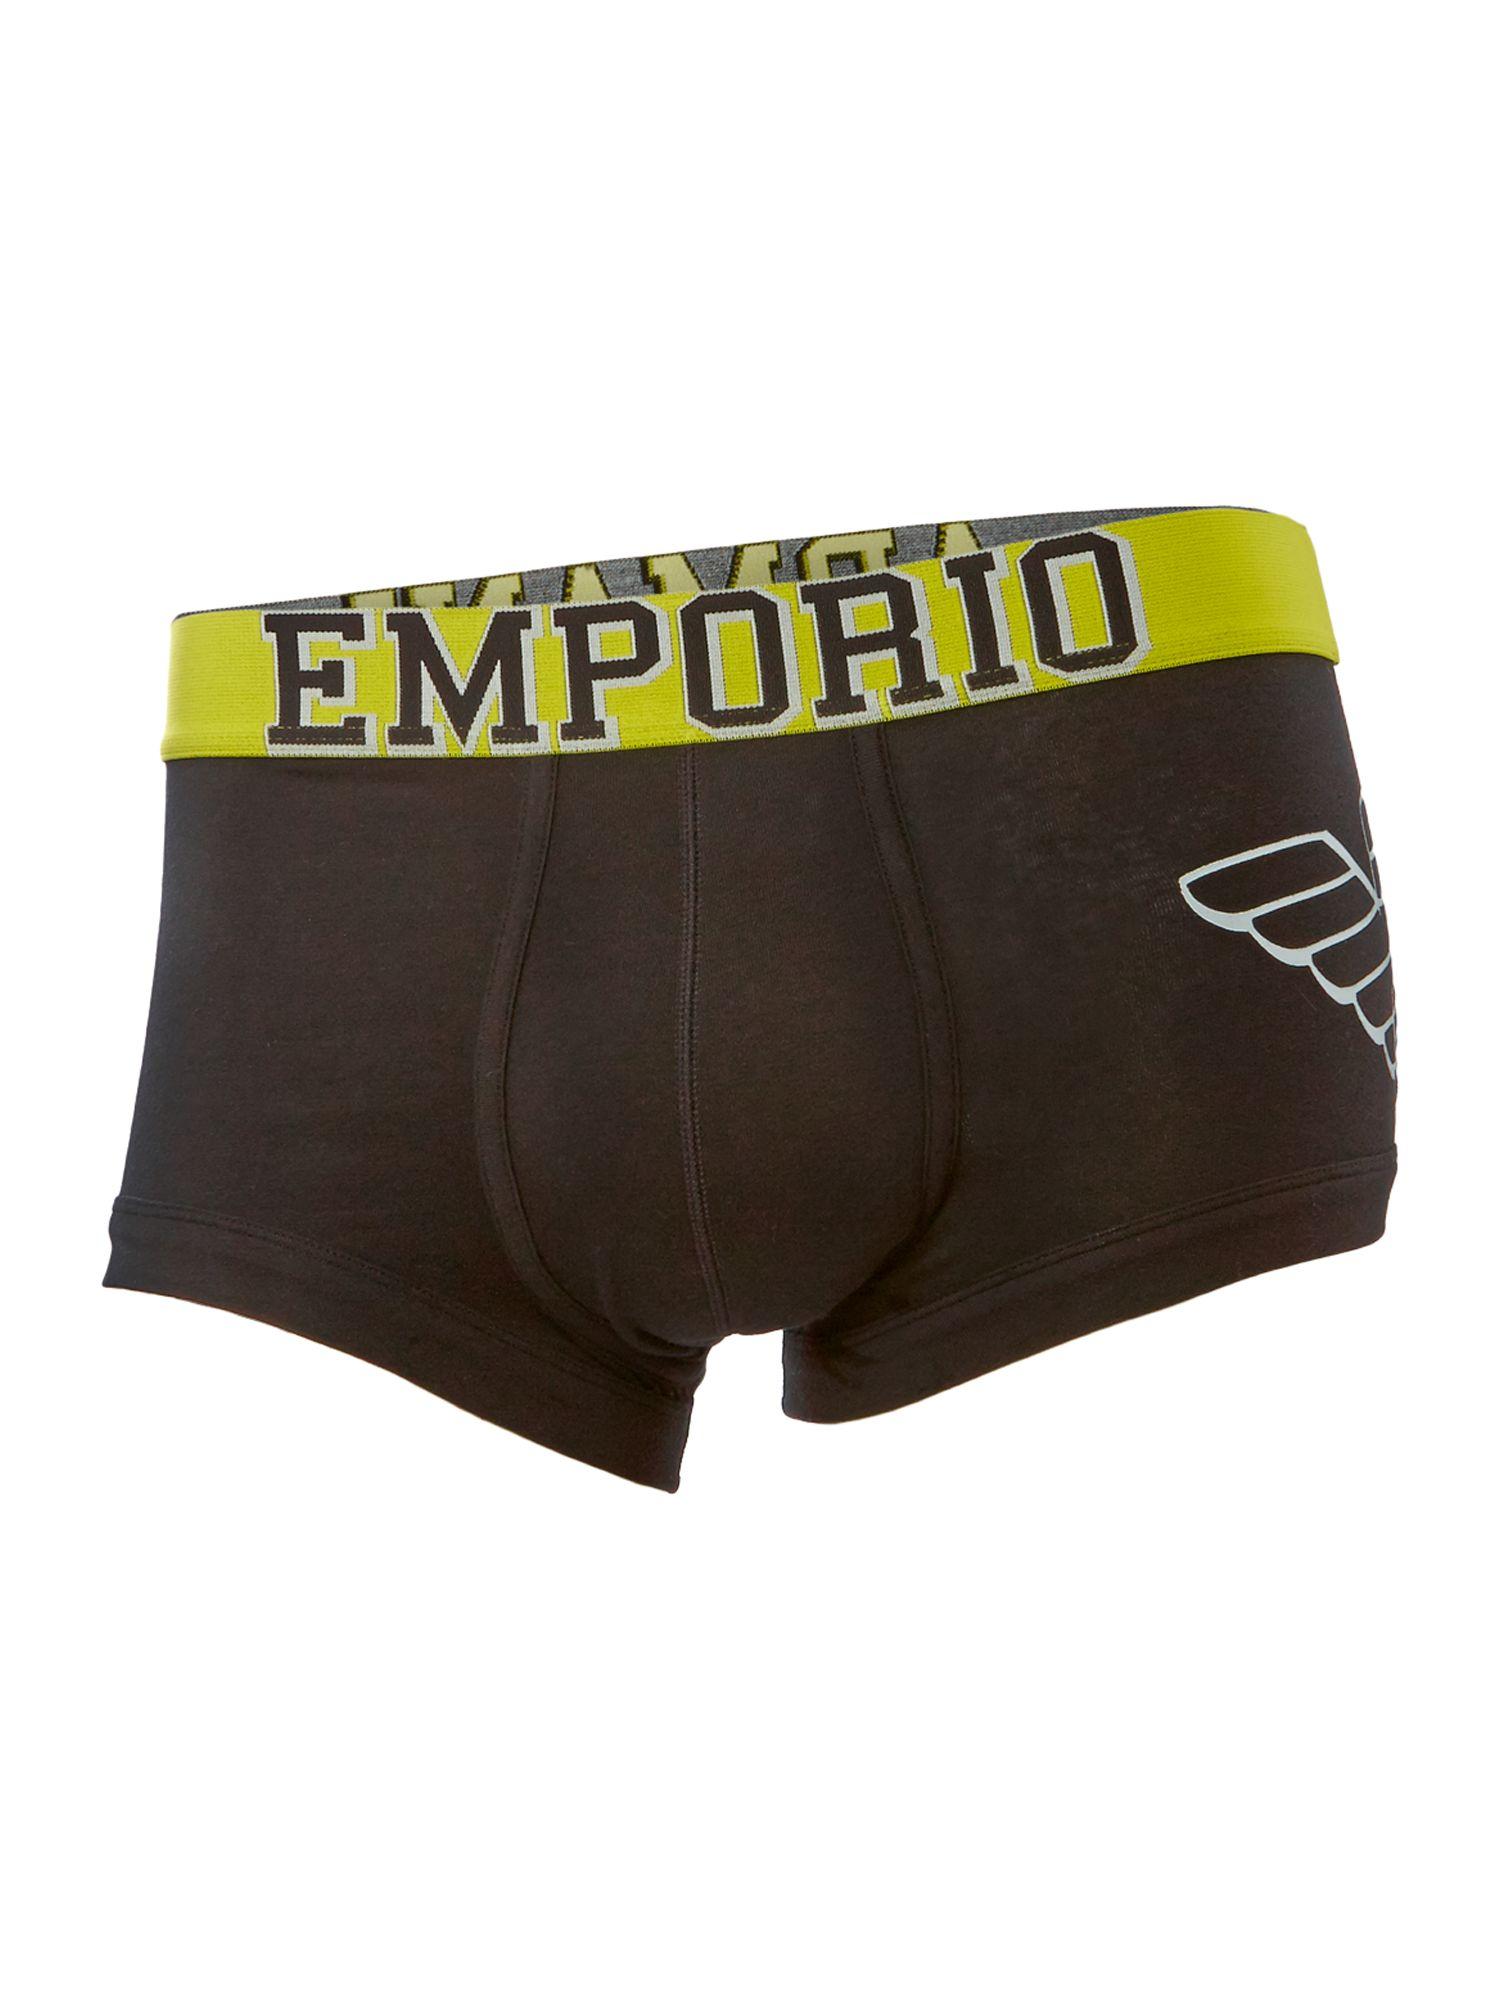 Emporio armani side eagle logo trunk in black for men lyst - Emporio giorgio armani logo ...